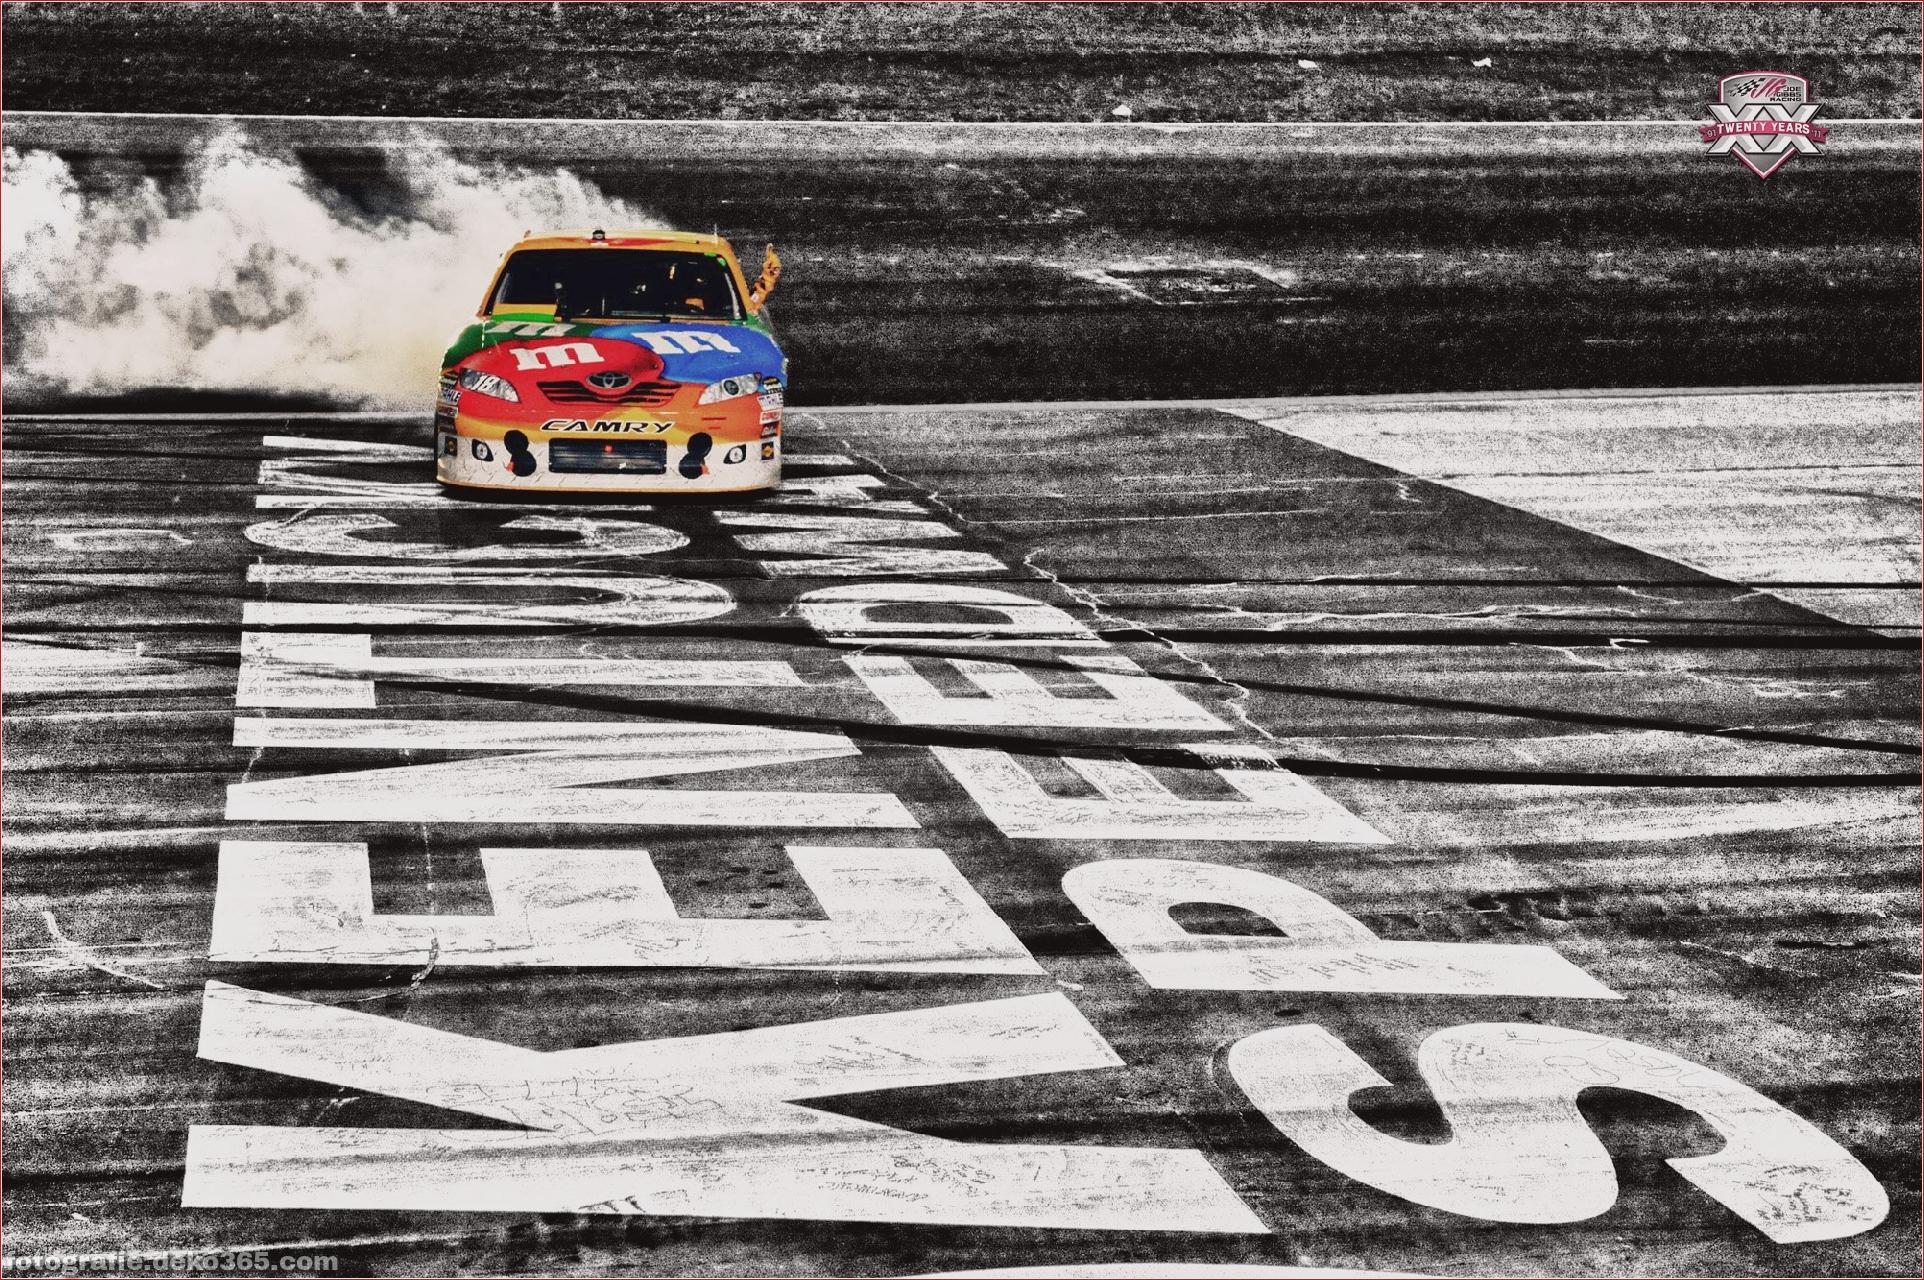 Schöne NASCAR-Hintergründe_5c8ffe6488c5a.jpg